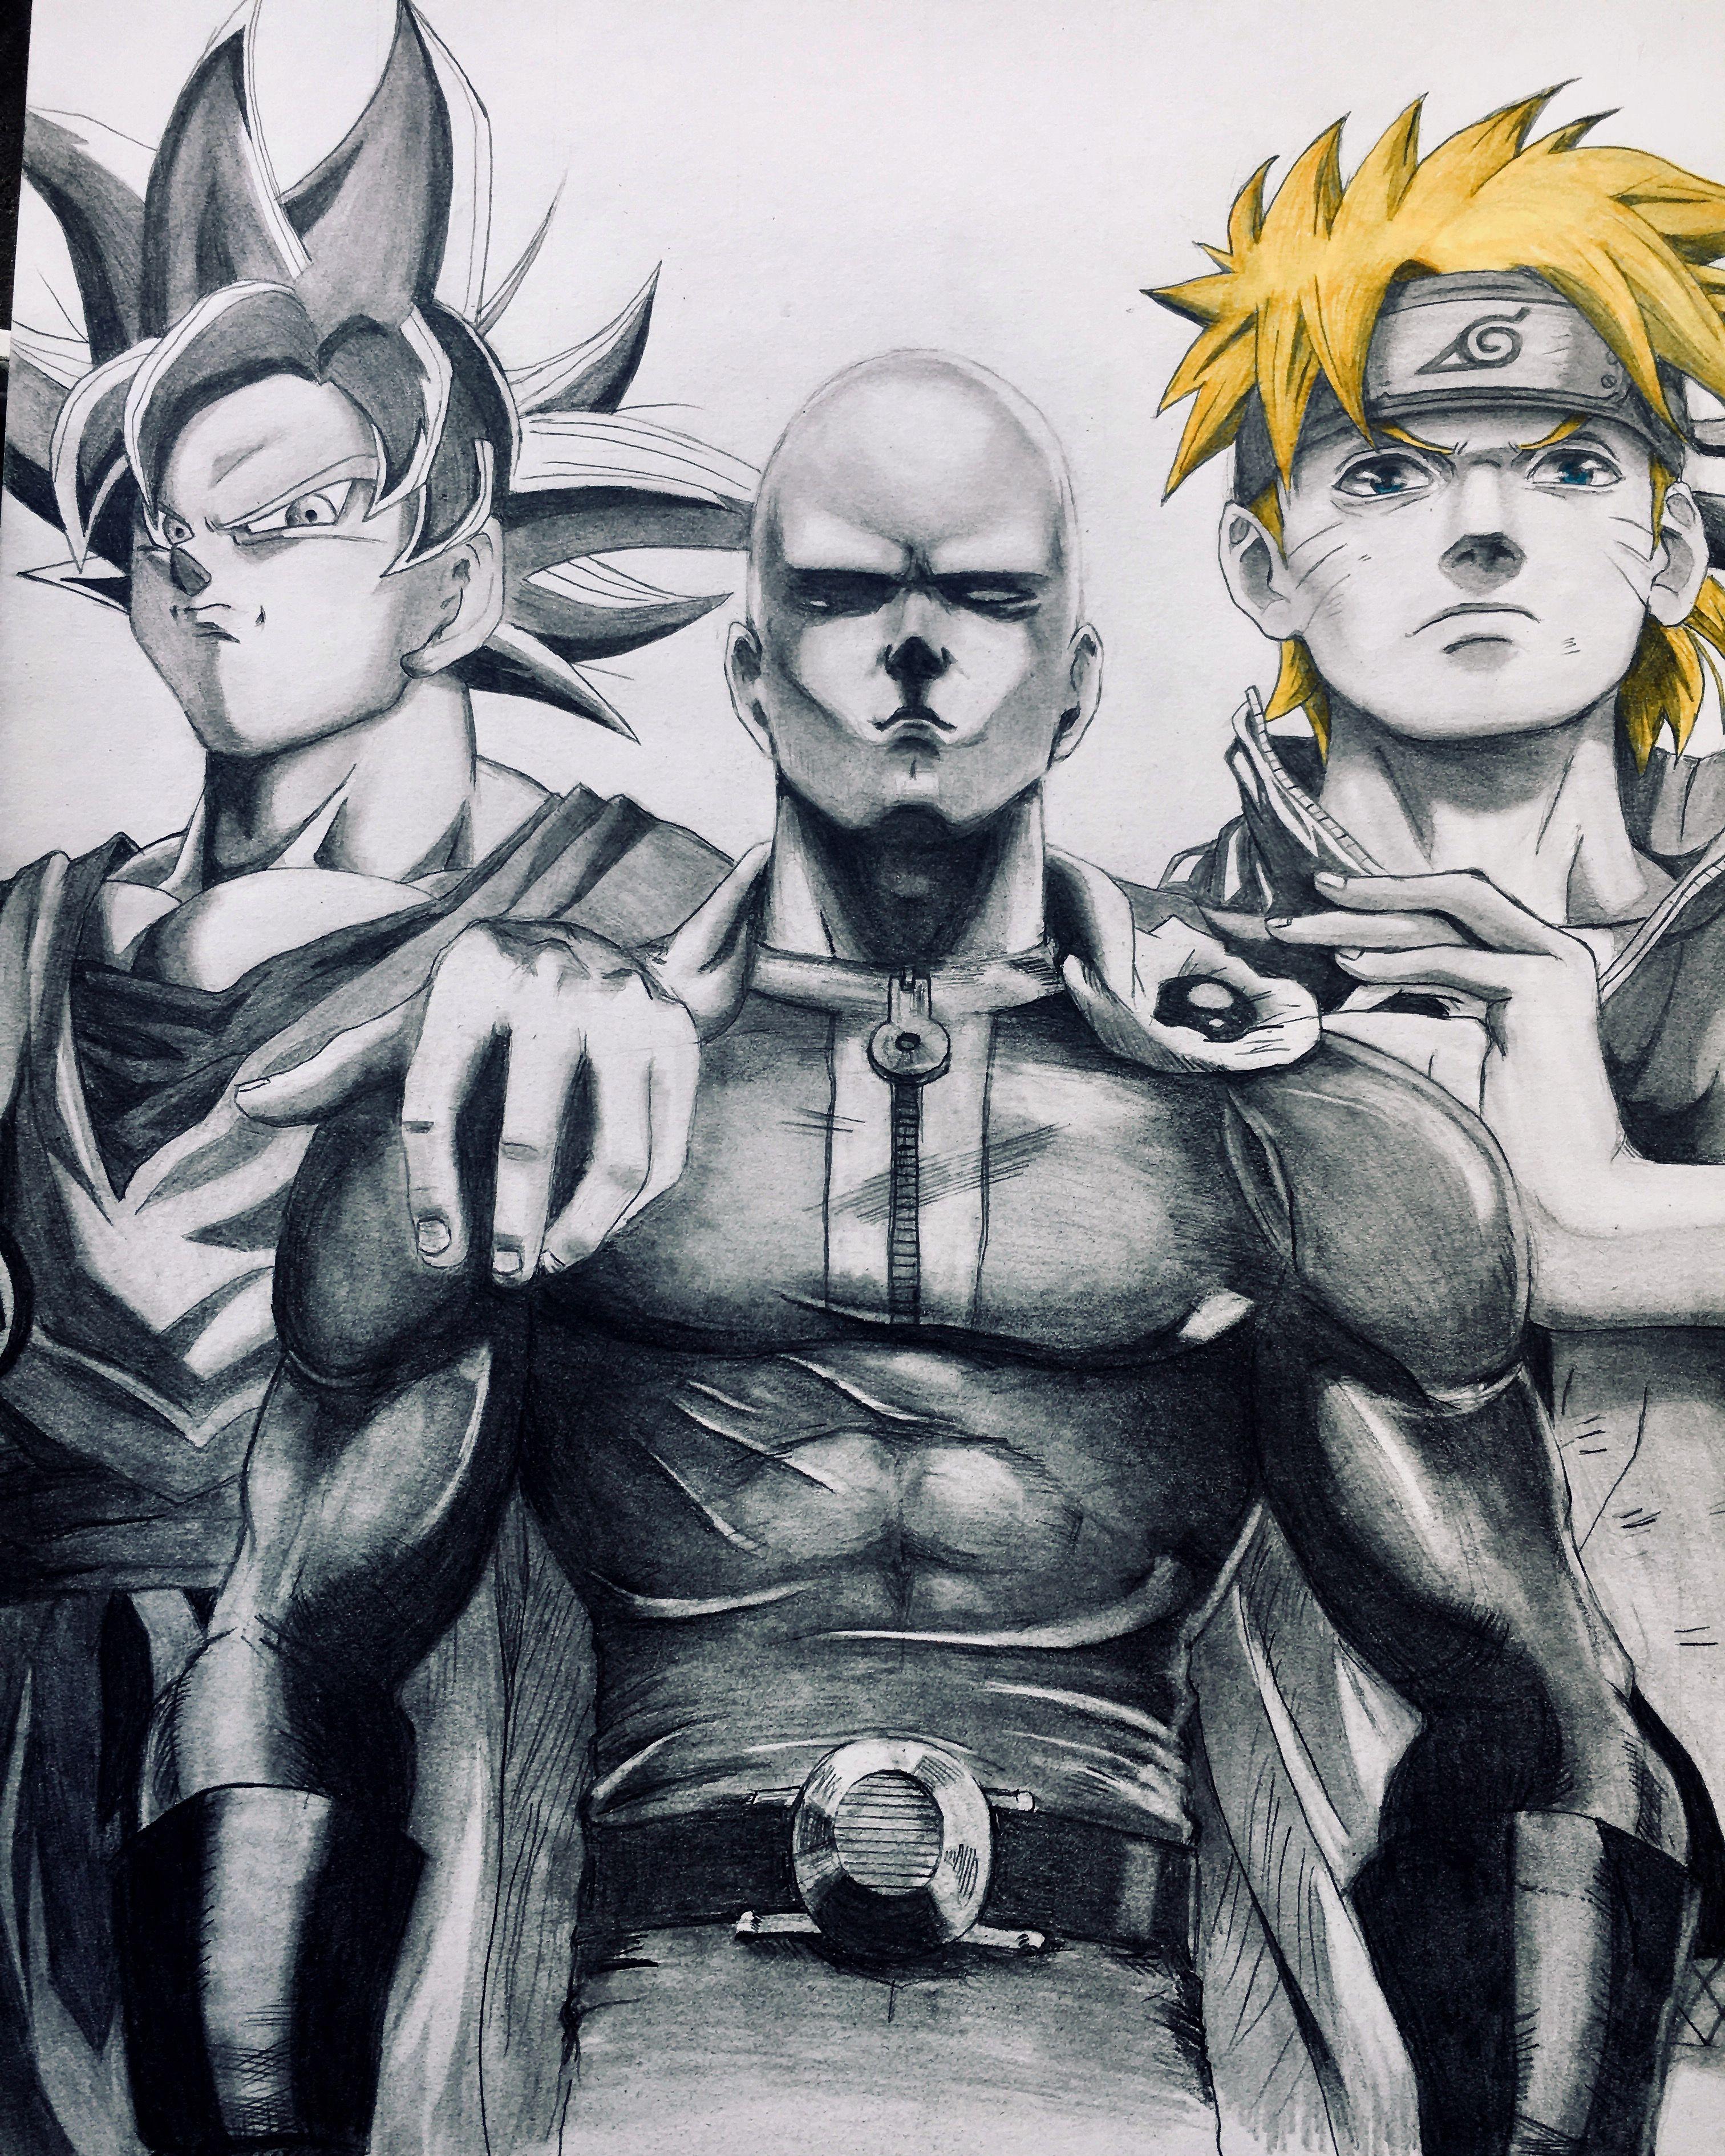 Goku Saitama And Naruto One Punch Man Anime Saitama One Punch Man One Punch Man